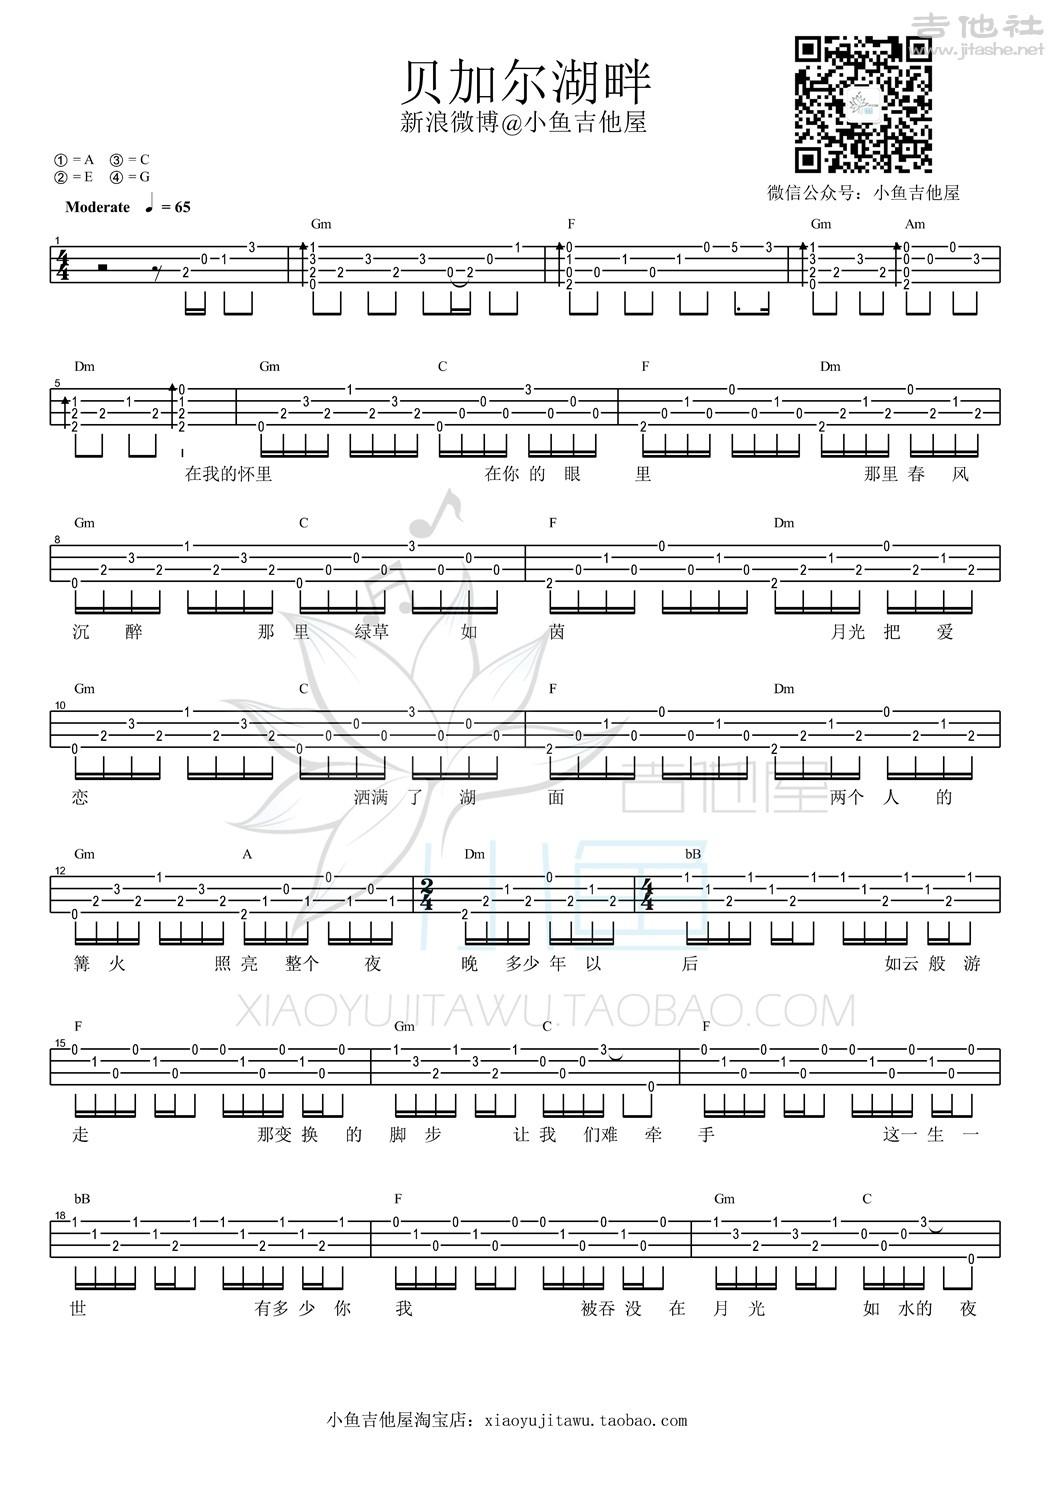 贝加尔湖畔吉他谱(图片谱,尤克里里,ukulele,小鱼吉他屋)_李健_贝加尔湖畔1_副本.jpg